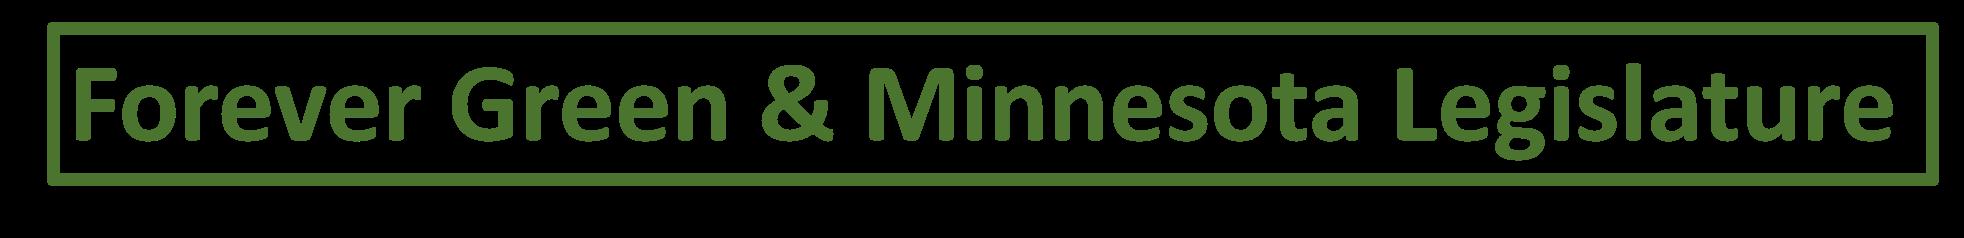 Forever Green - Minnesota Legislature